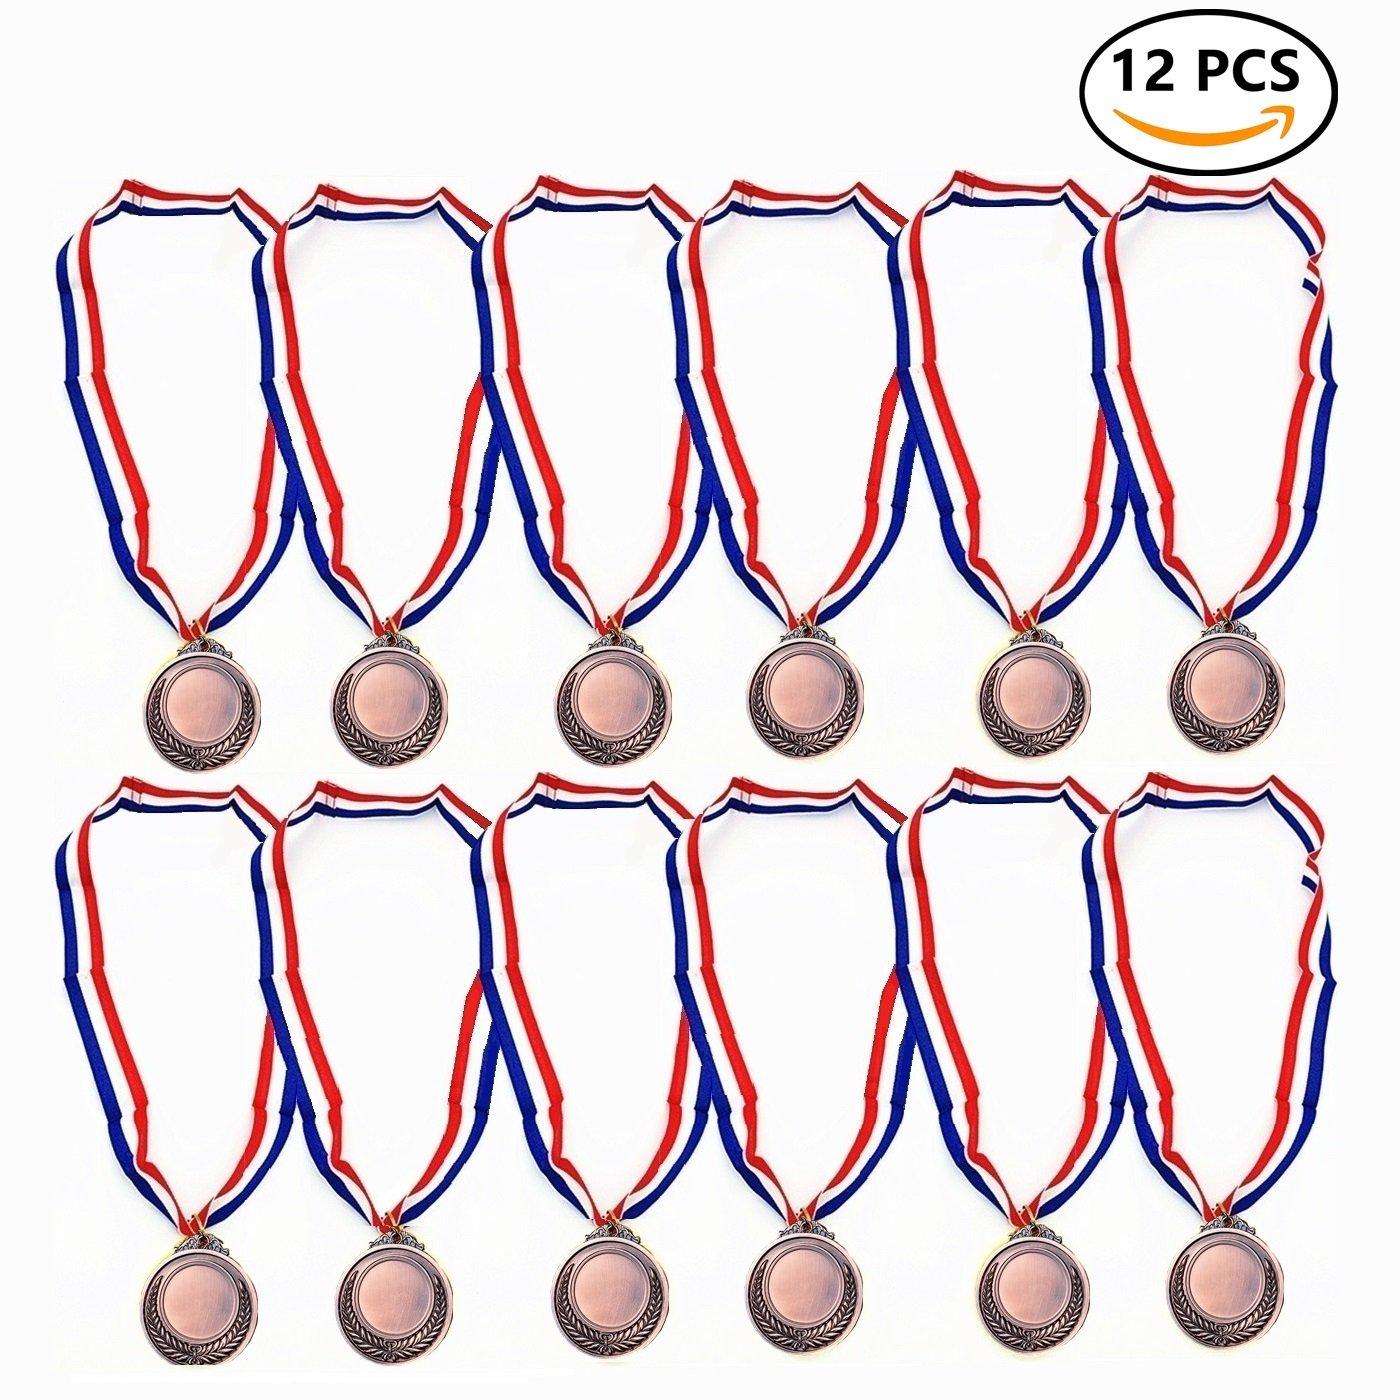 12 Medalla oro Deportiva Metal Con Cinta Durabol (Antorcha, 5cm)